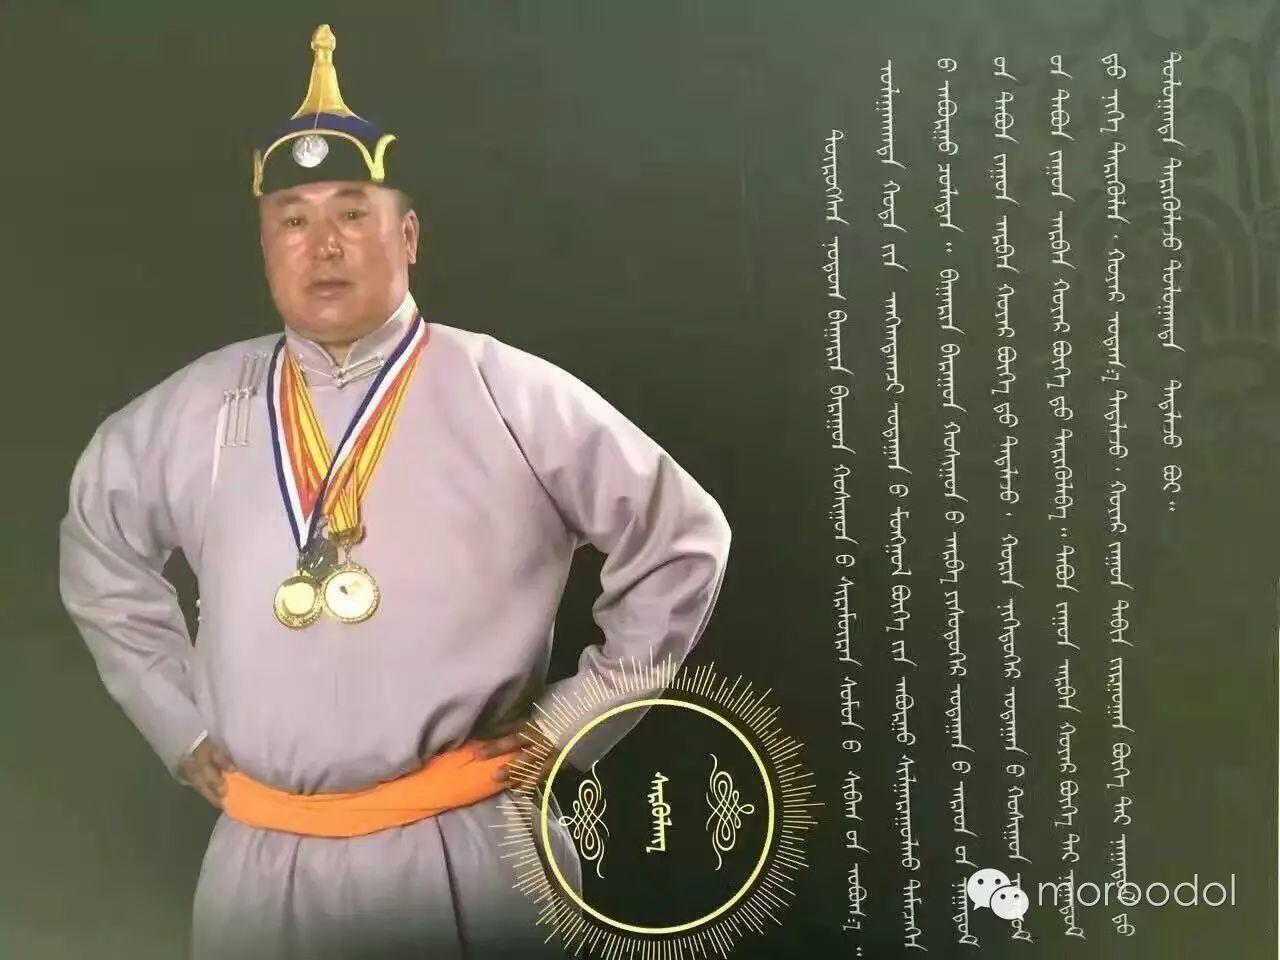 卐【蒙古博克】赤峰著名摔跤手及他们的战绩(图片) 第1张 卐【蒙古博克】赤峰著名摔跤手及他们的战绩(图片) 蒙古文化